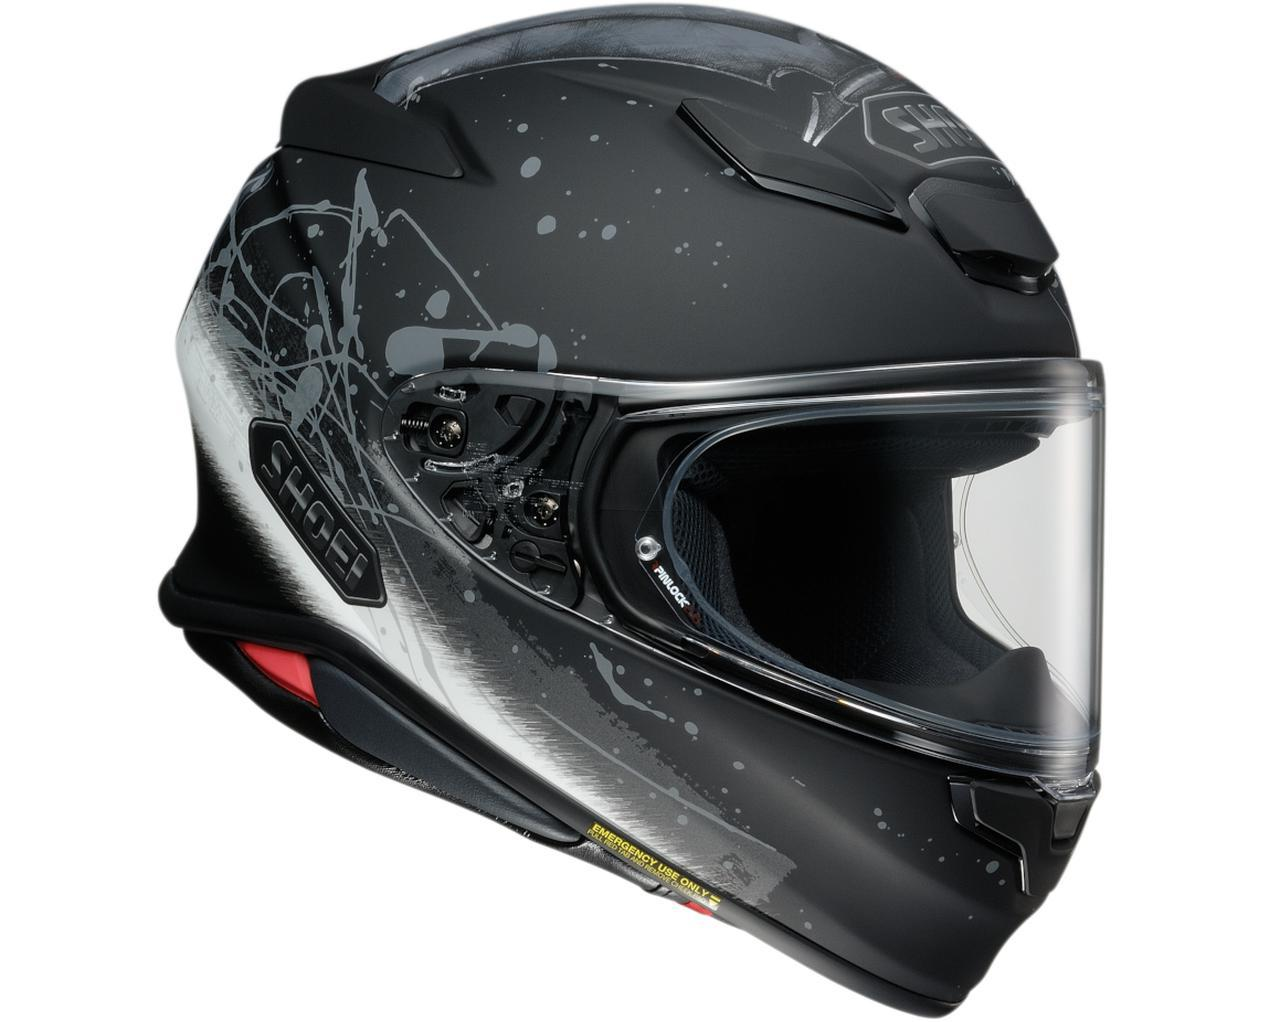 画像4: SHOEIの新型ヘルメット「Z-8」グラフィックモデル・まとめ|2021年5月末までに6モデル計13種のカラーが登場